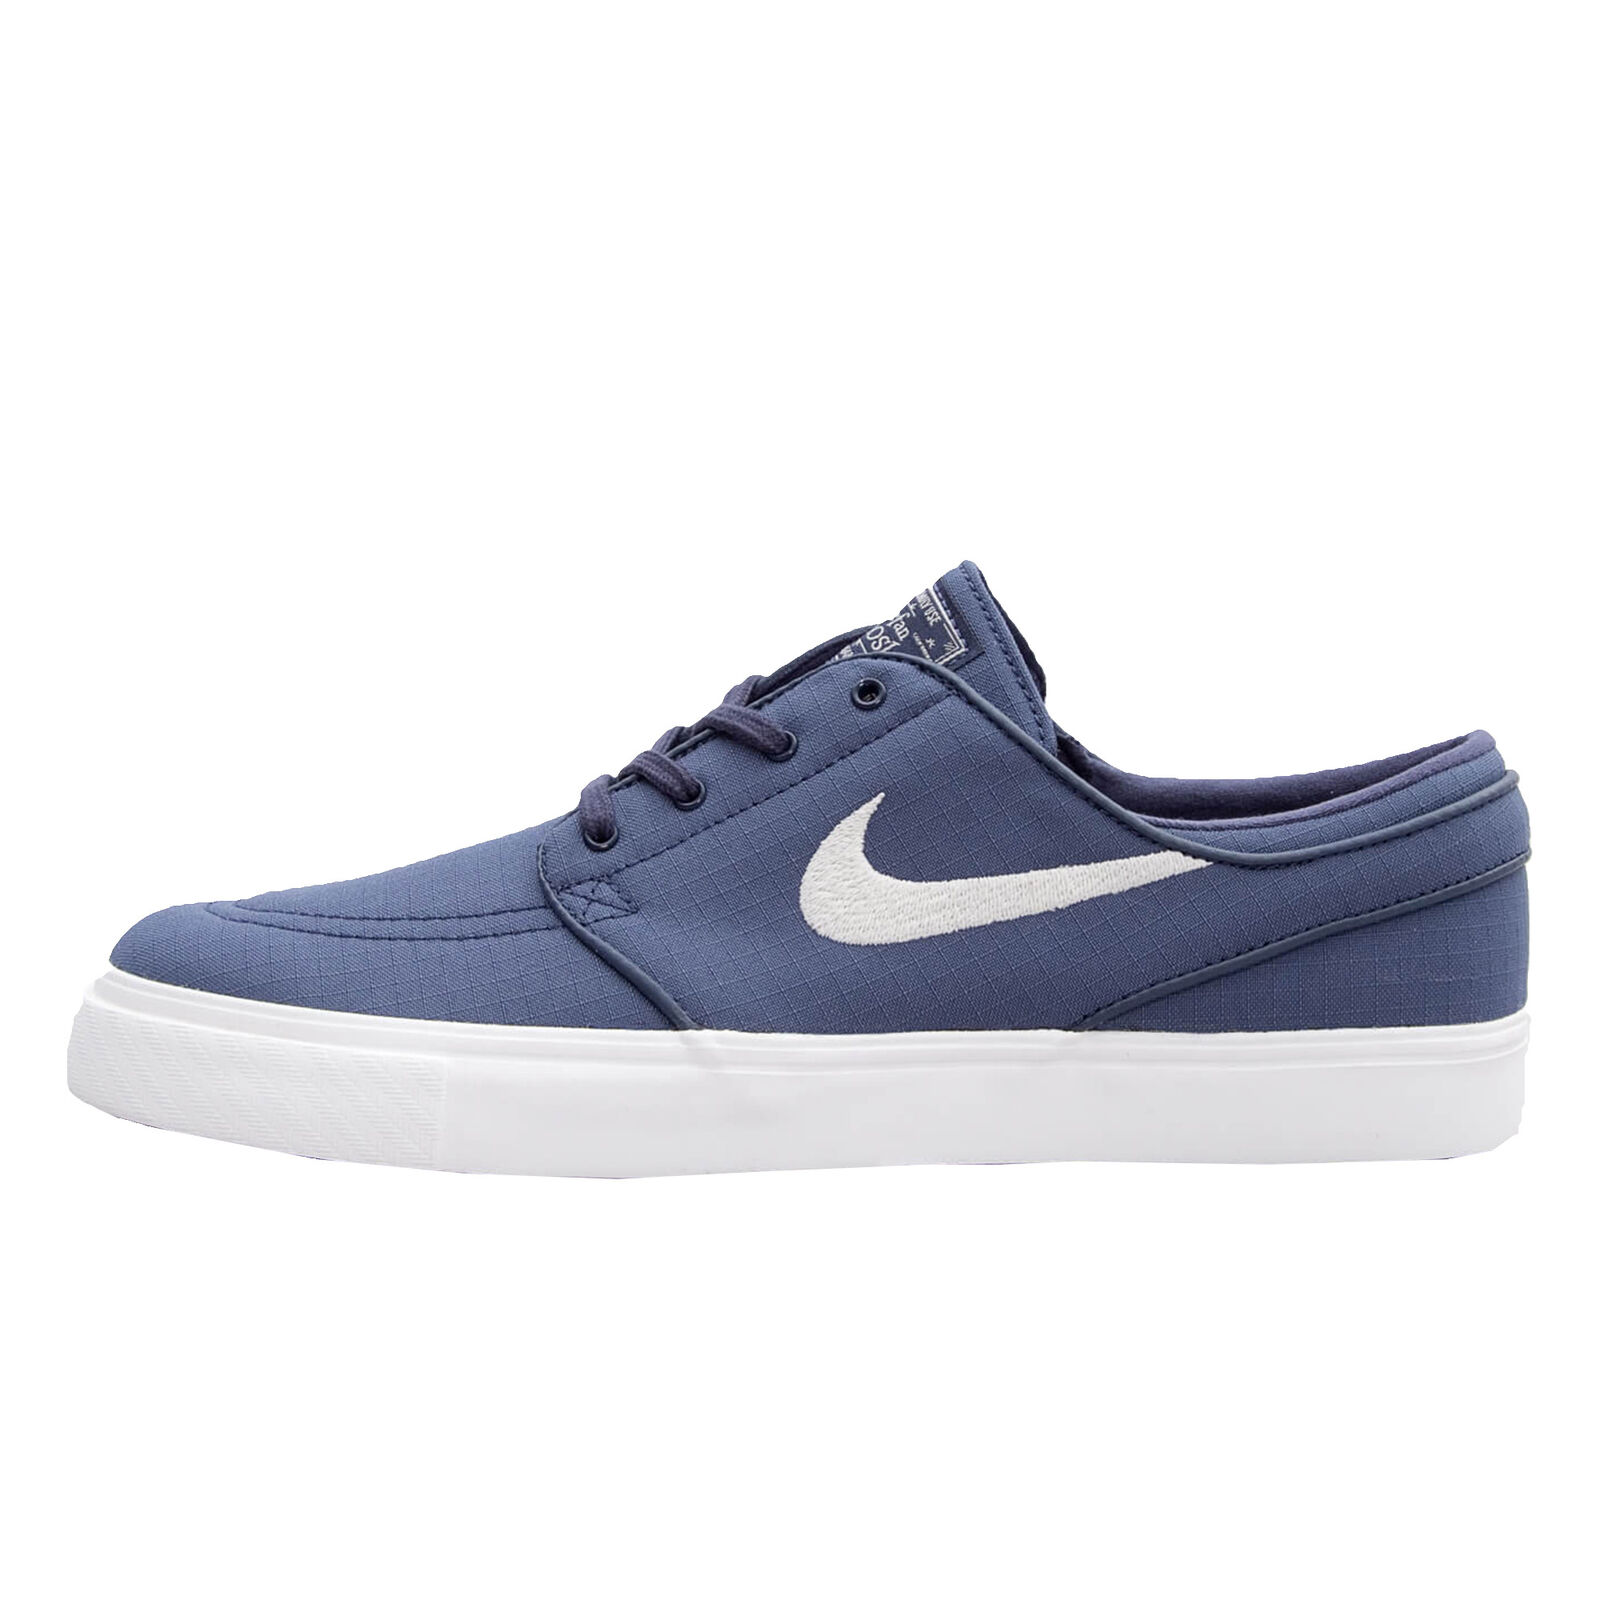 Nike Zoom Stefan Sneaker Janoski CNVS 615957-401 Skateboard Skaten Sneaker Stefan Schuhe SB a61204